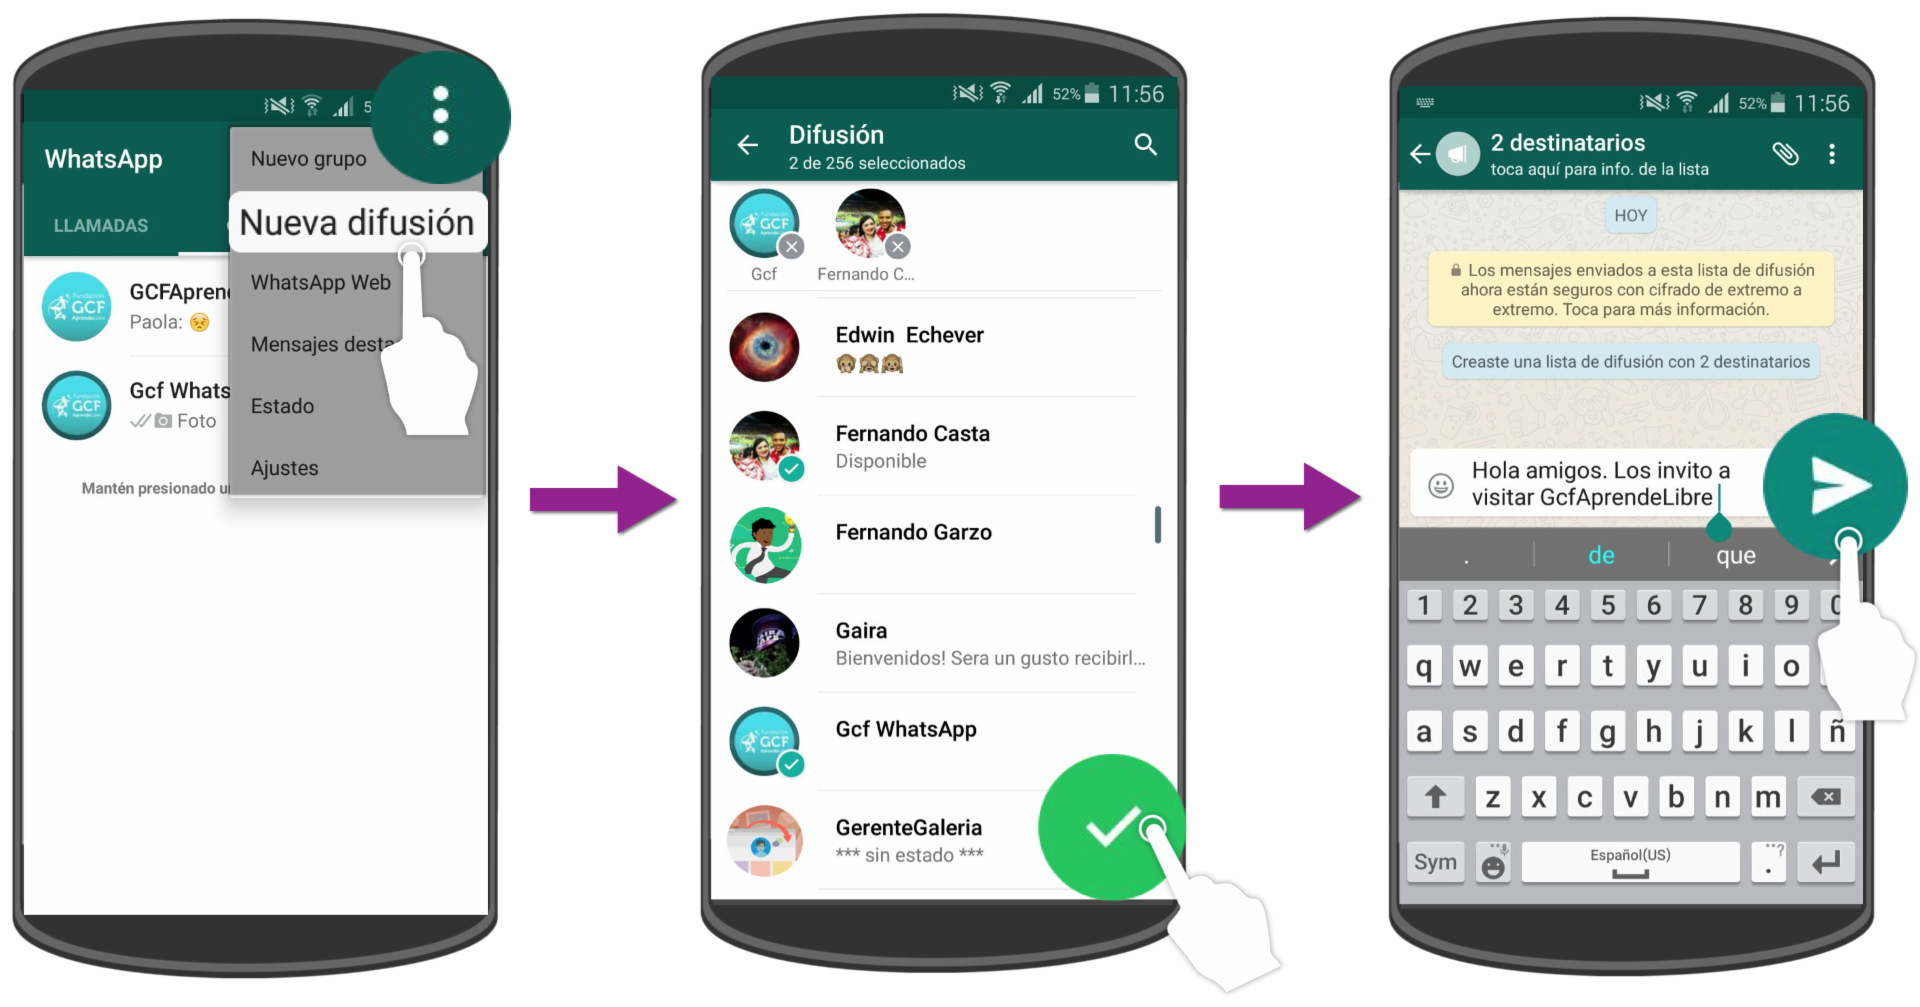 Crea una lista de difusión, añade los contactos y envíales un mensaje.